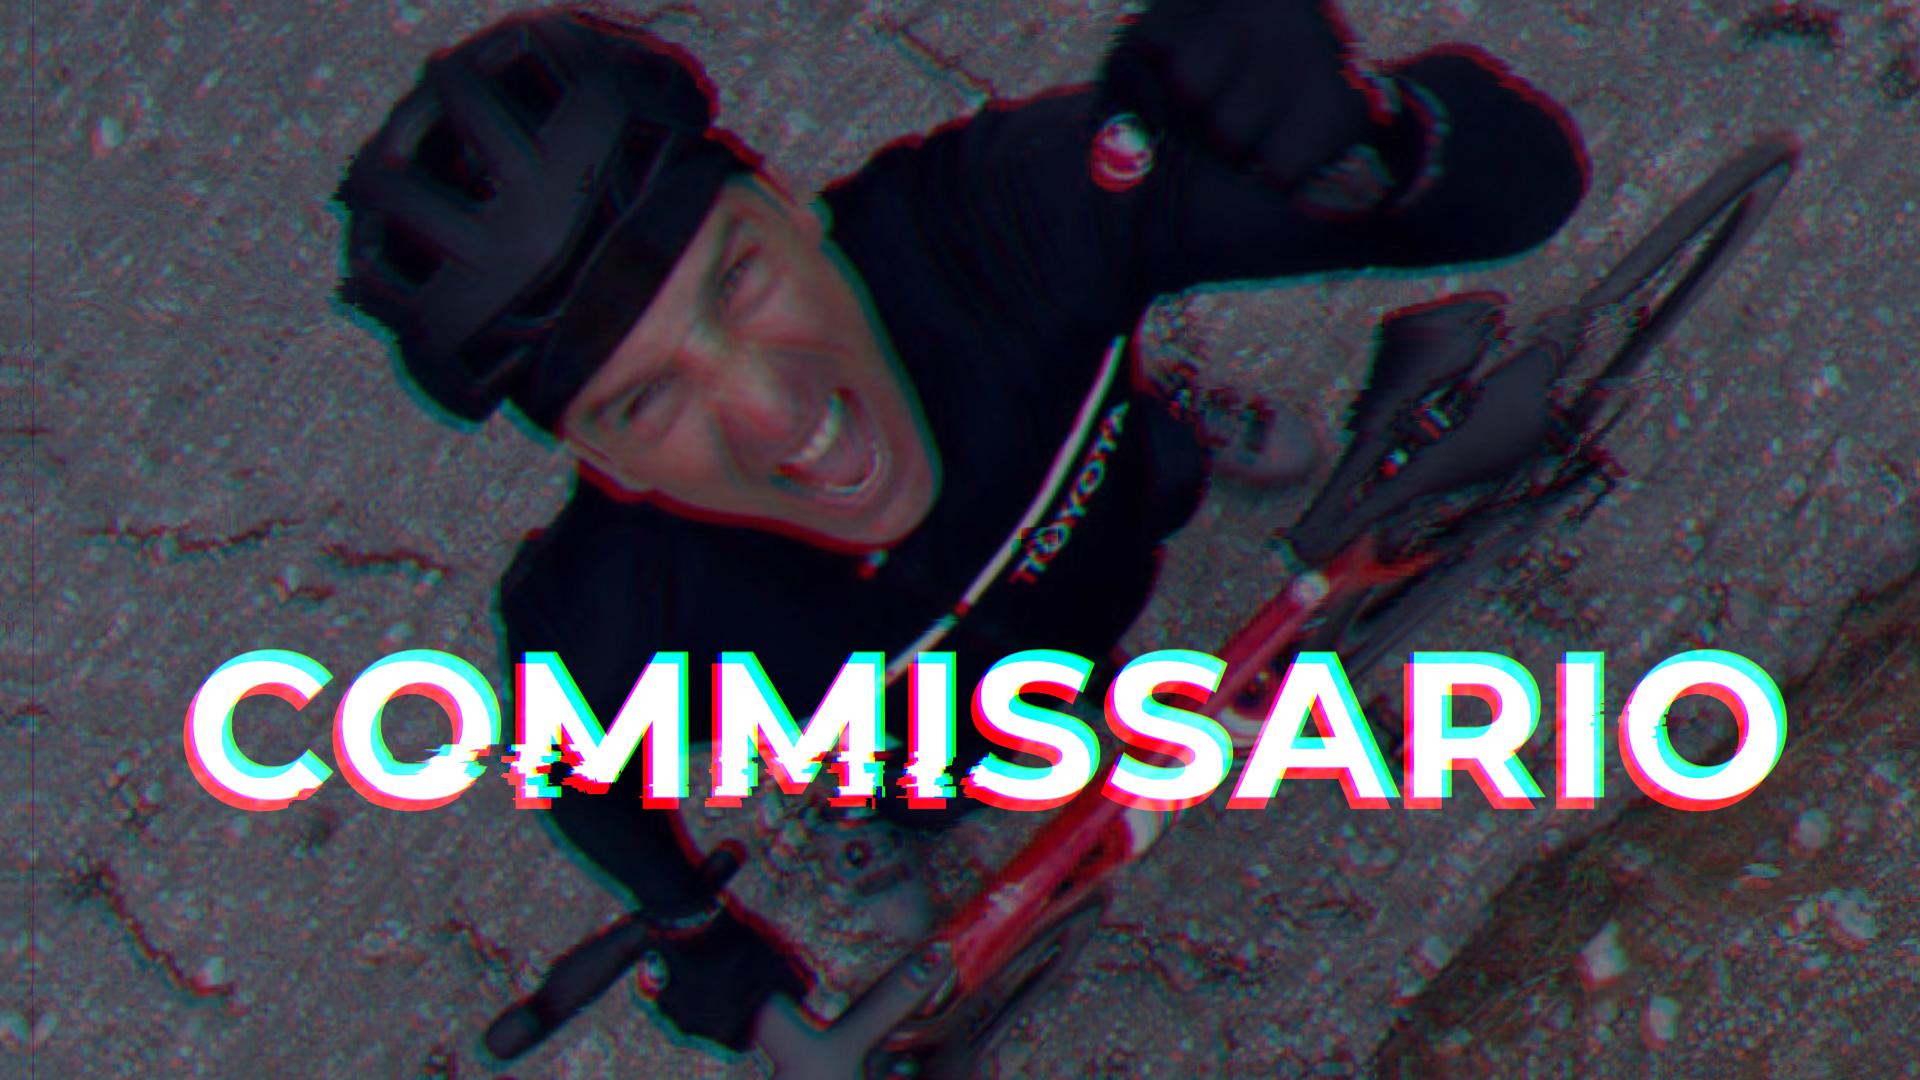 """Marco Saligari """"Il Commissario"""" ci offre consigli per una buona preparazione per andare in bici"""